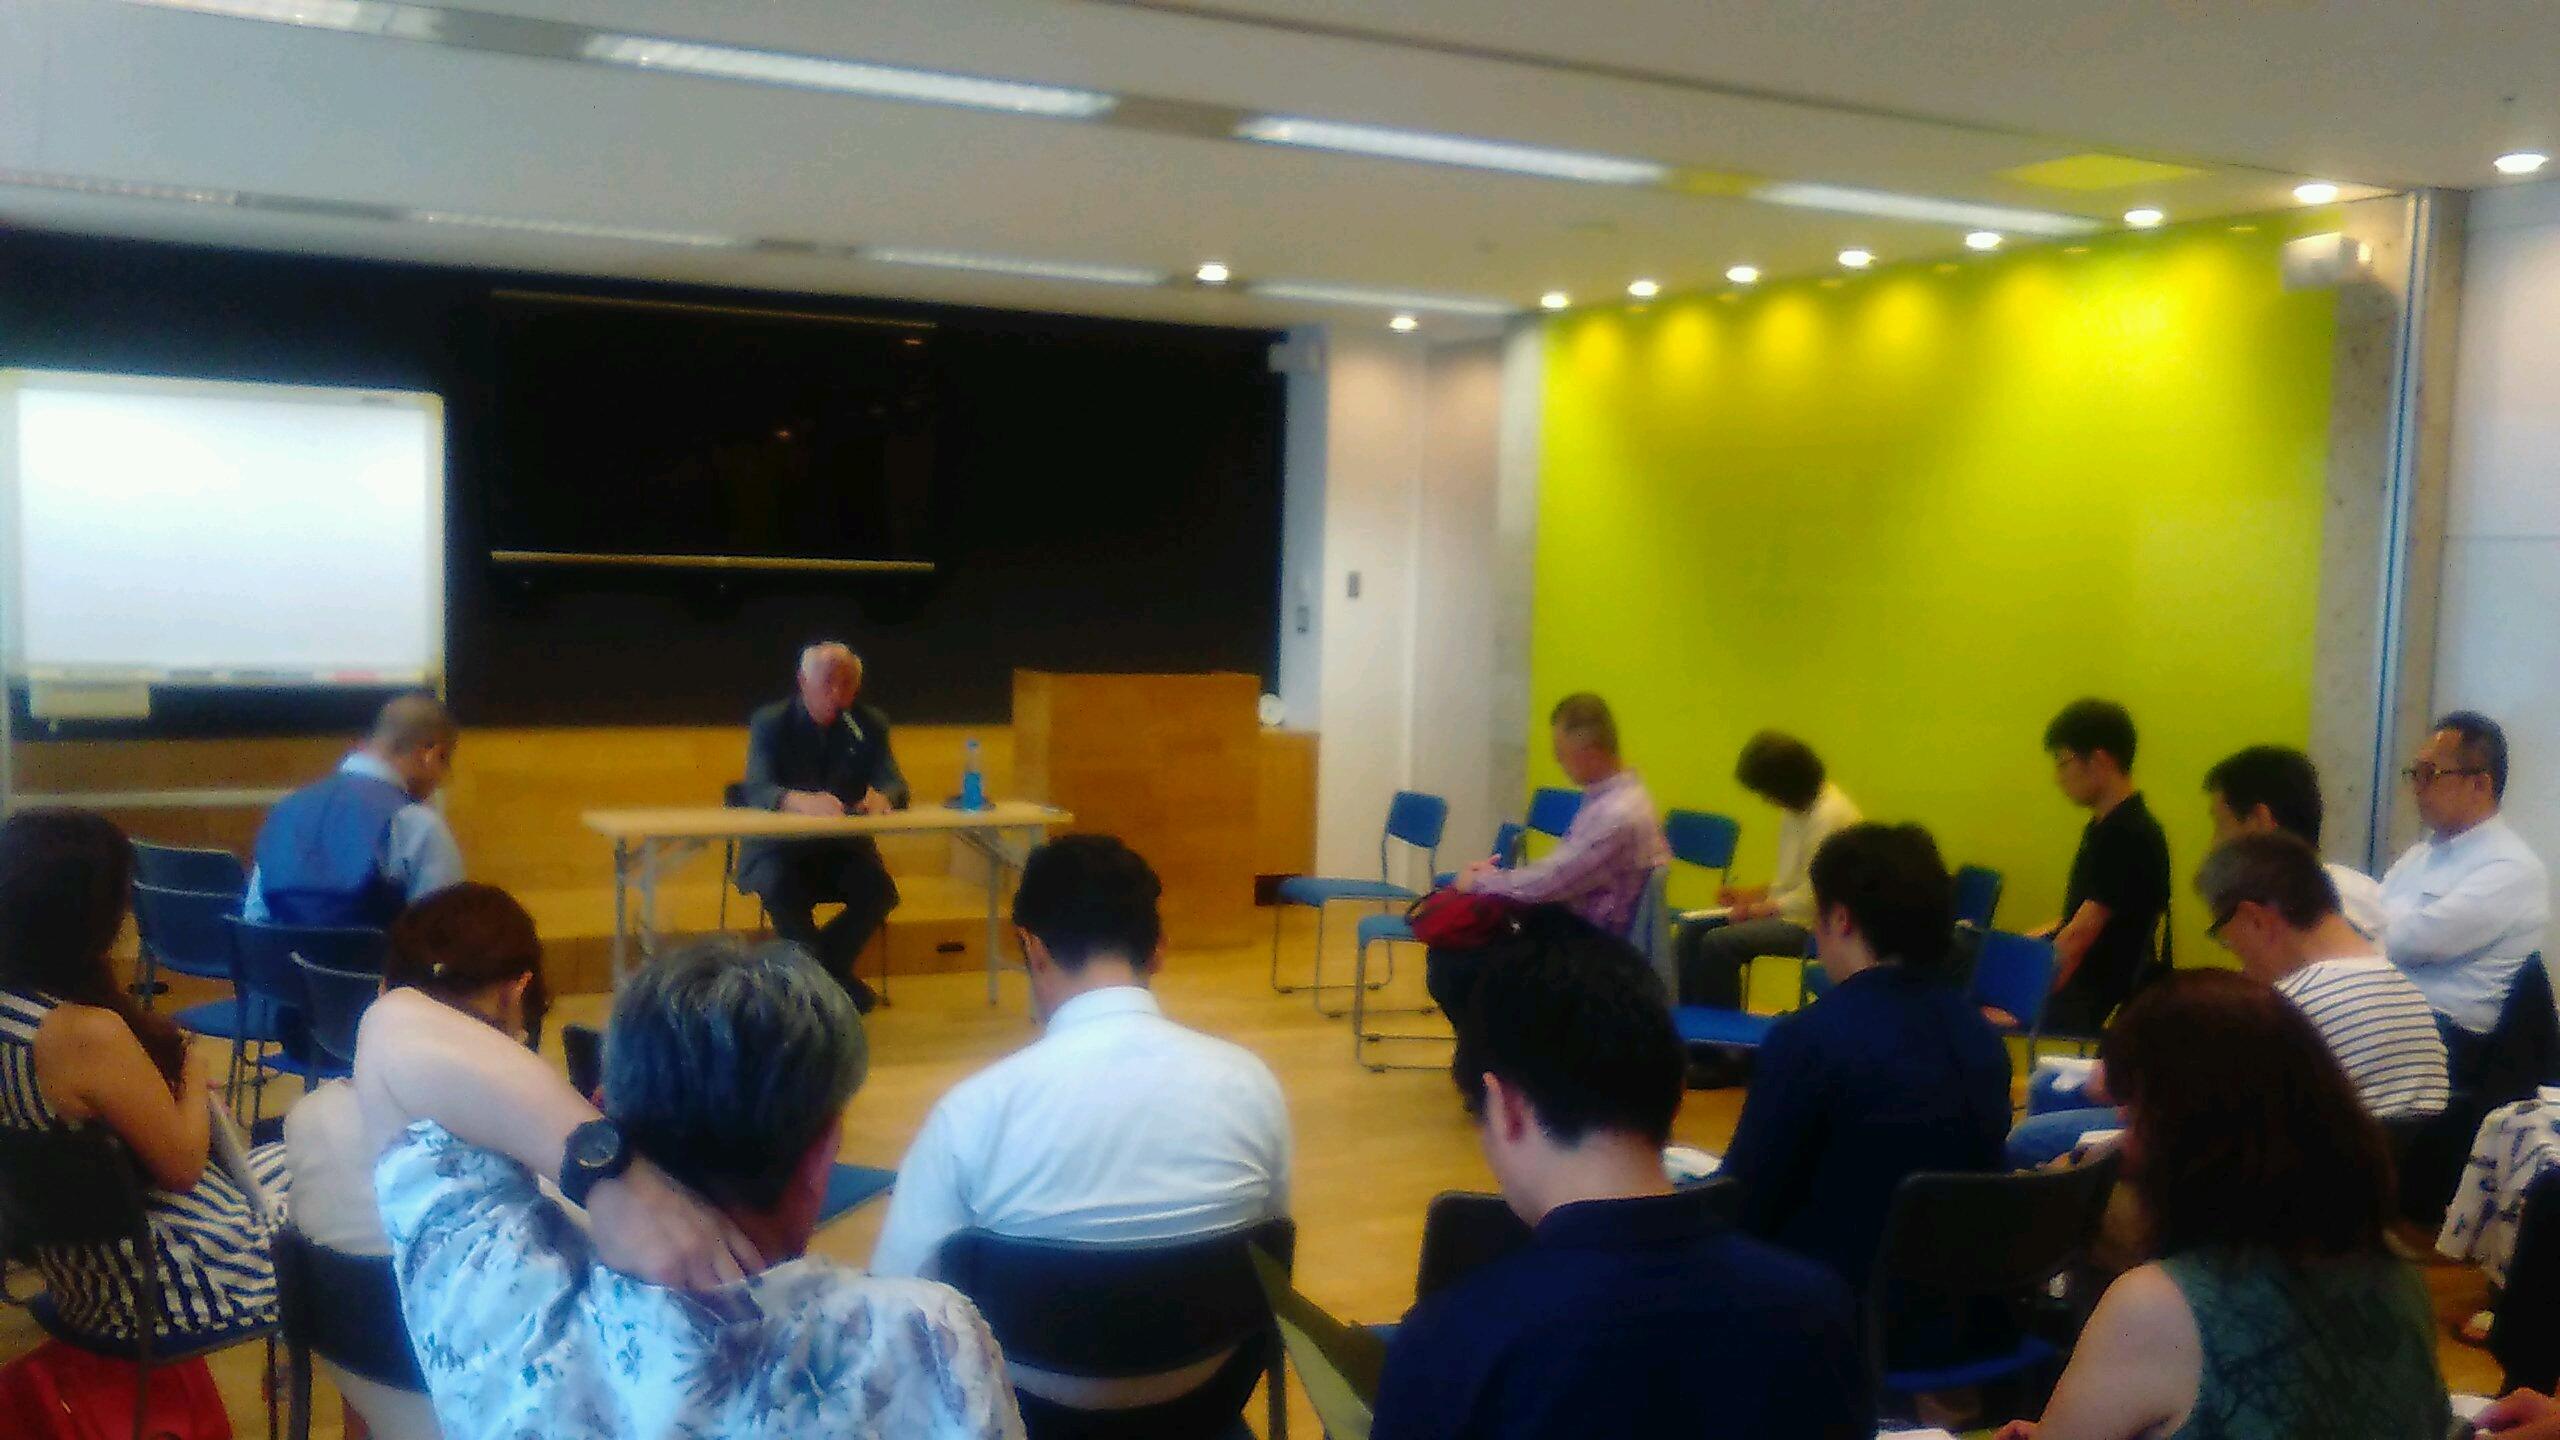 20190803141337 1 - 第3回東京思風塾「本物の人間になるための問い」をテーマに開催しました。